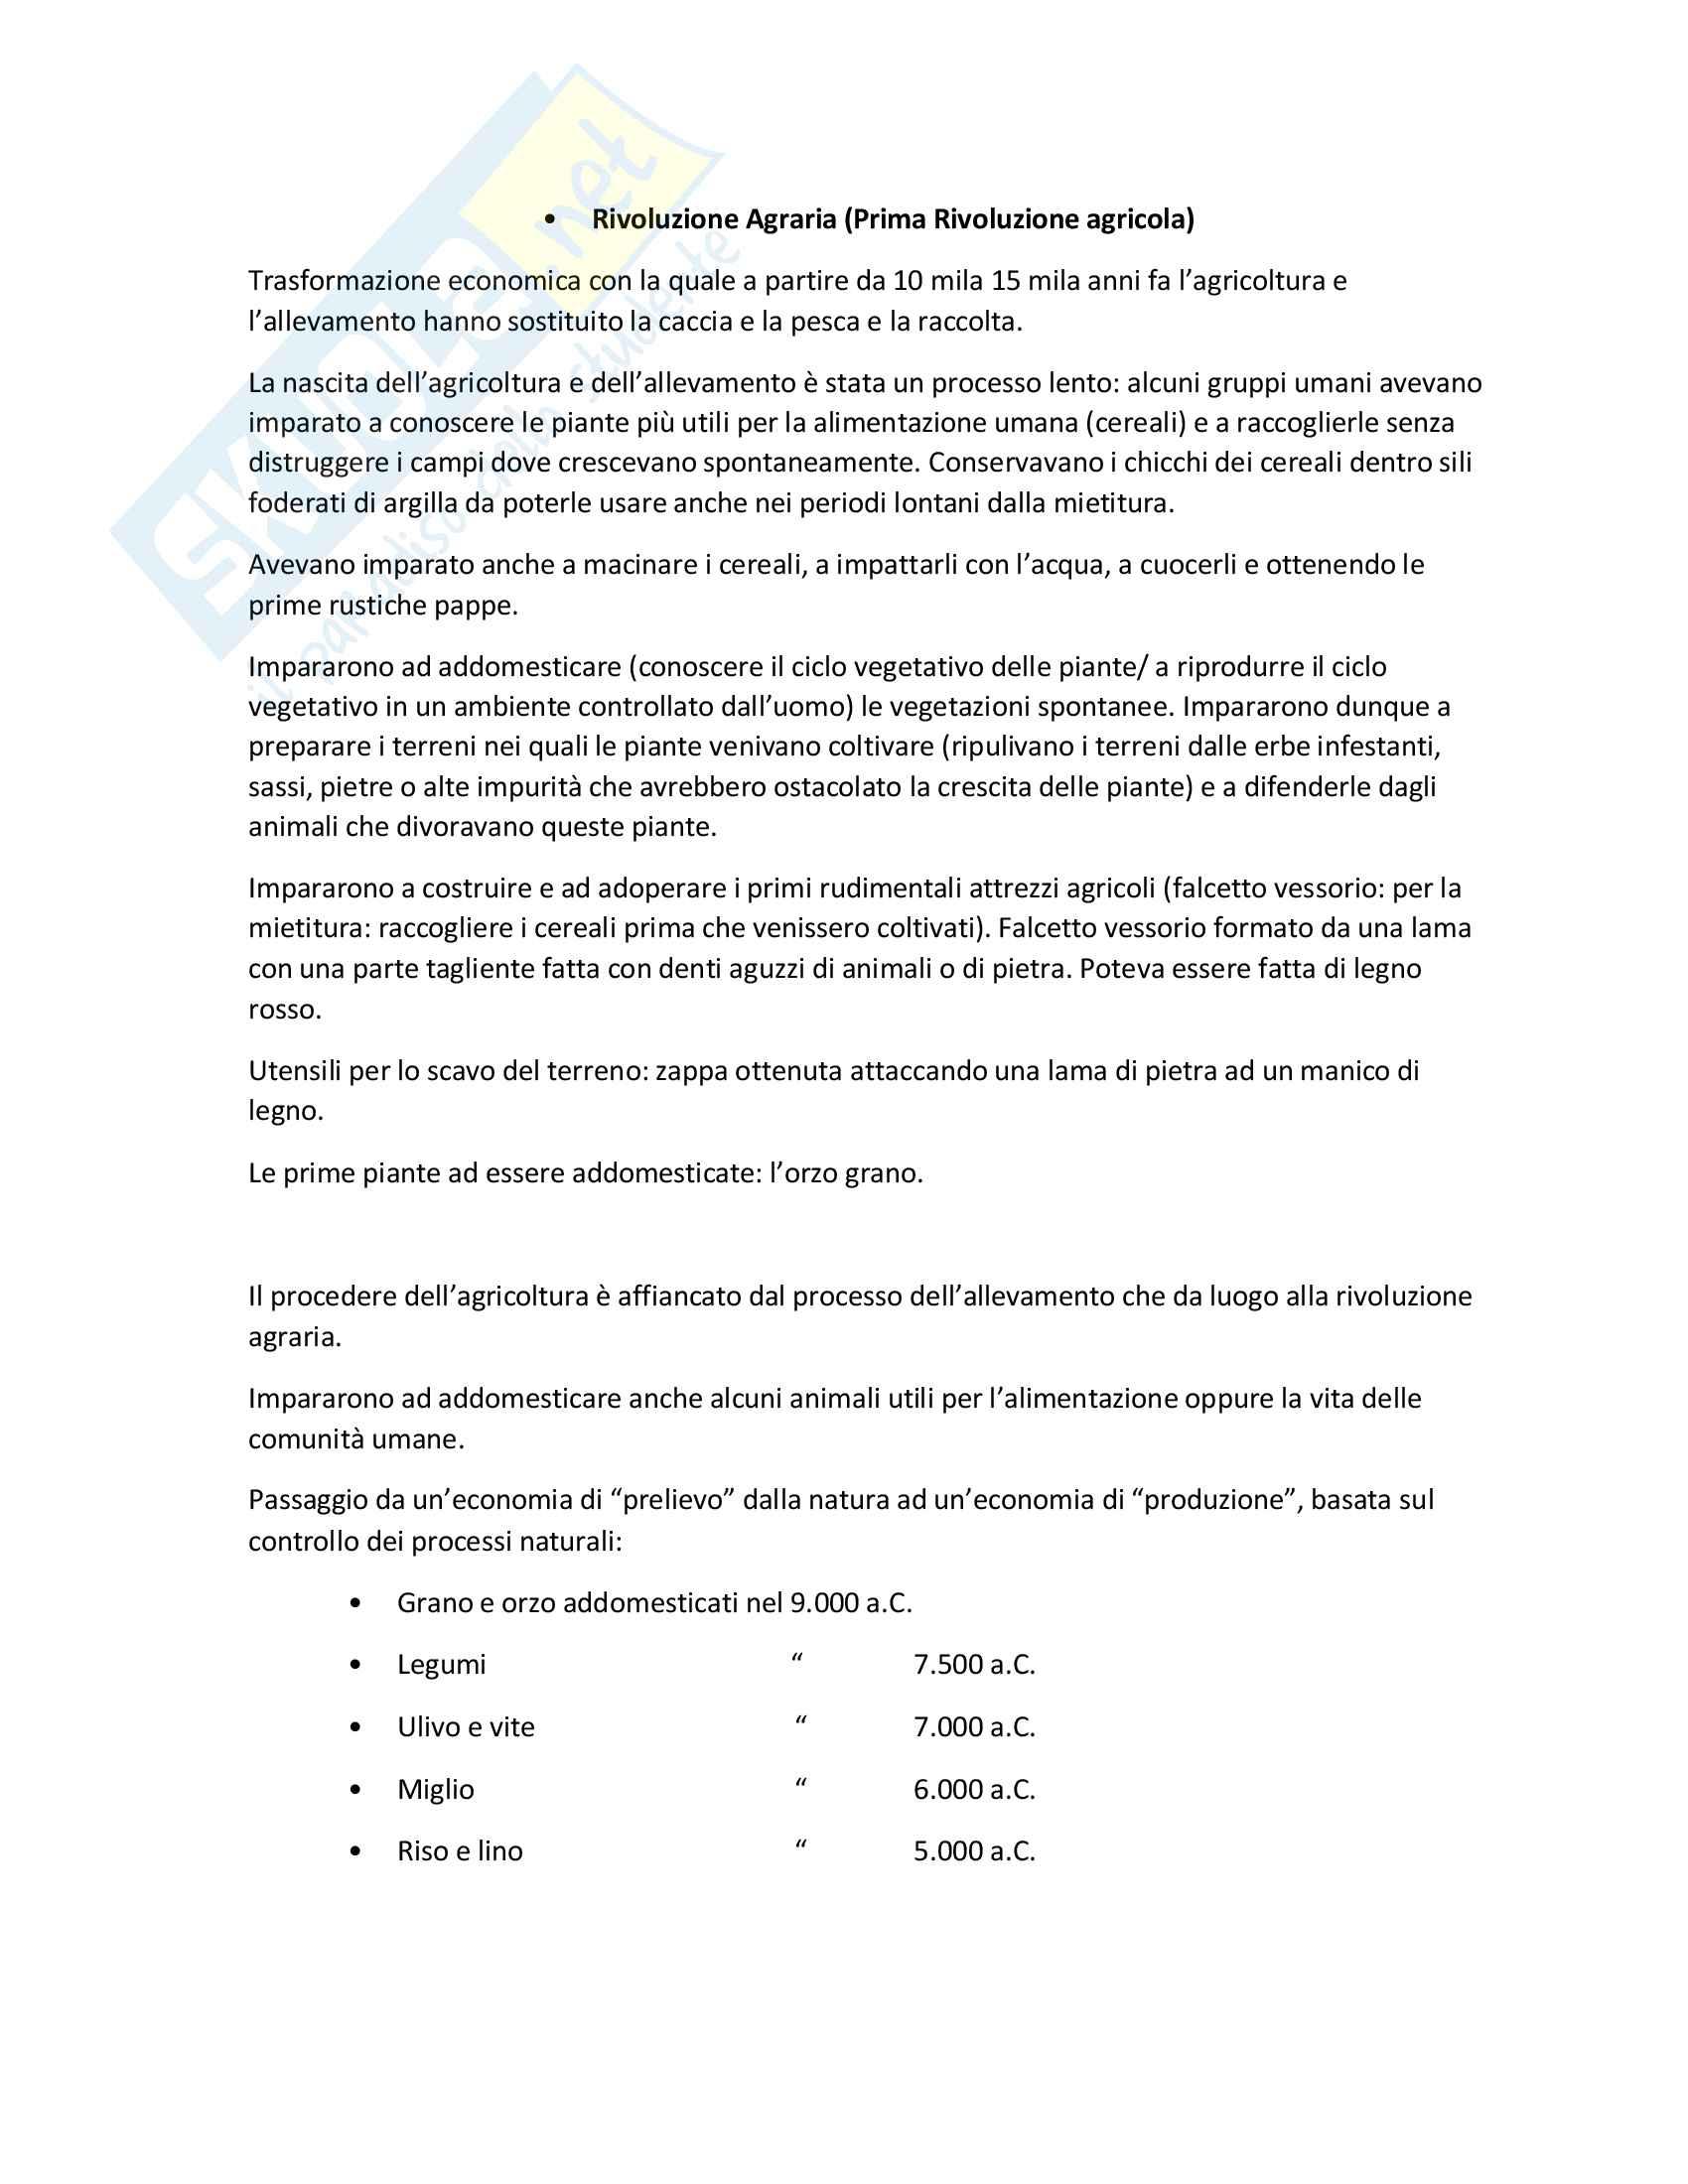 Appunti lezioni storia economica prof Alberto Rinaldi